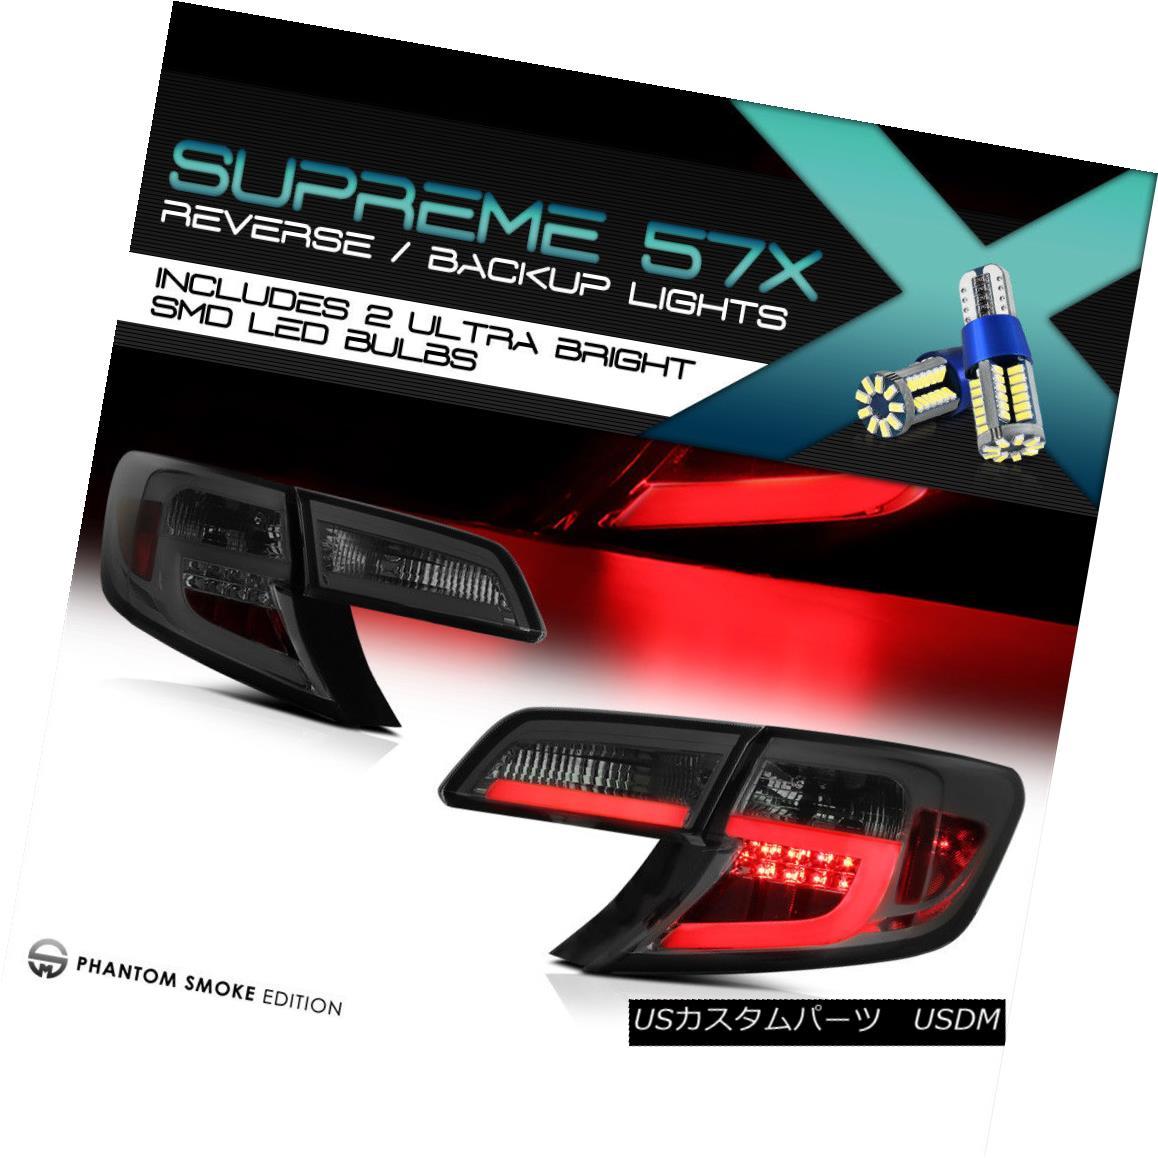 テールライト !FULL SMD REVERSE! Fiber OpTic LED Rear Tail Lights 2012-2014.5 Toyota Camry SE !FULL SMD REVERSE! ファイバーOpTic LEDリアテールライト2012-2014.5トヨタカムリSE